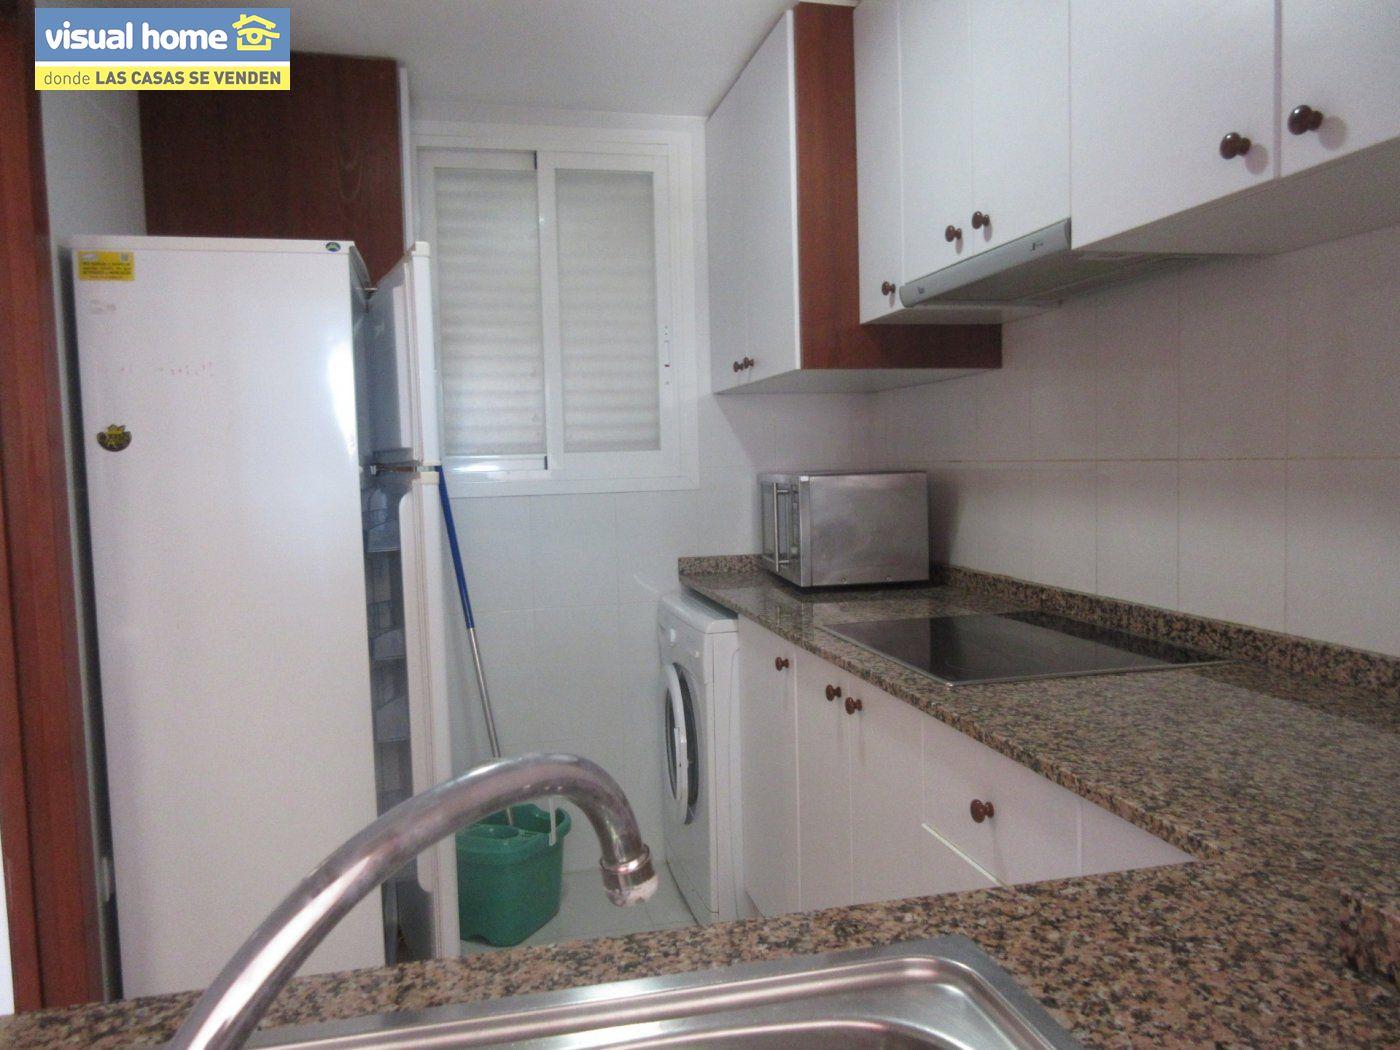 Apartamento de un dormitorio con parking y piscina en Rincón de Loix llano 15